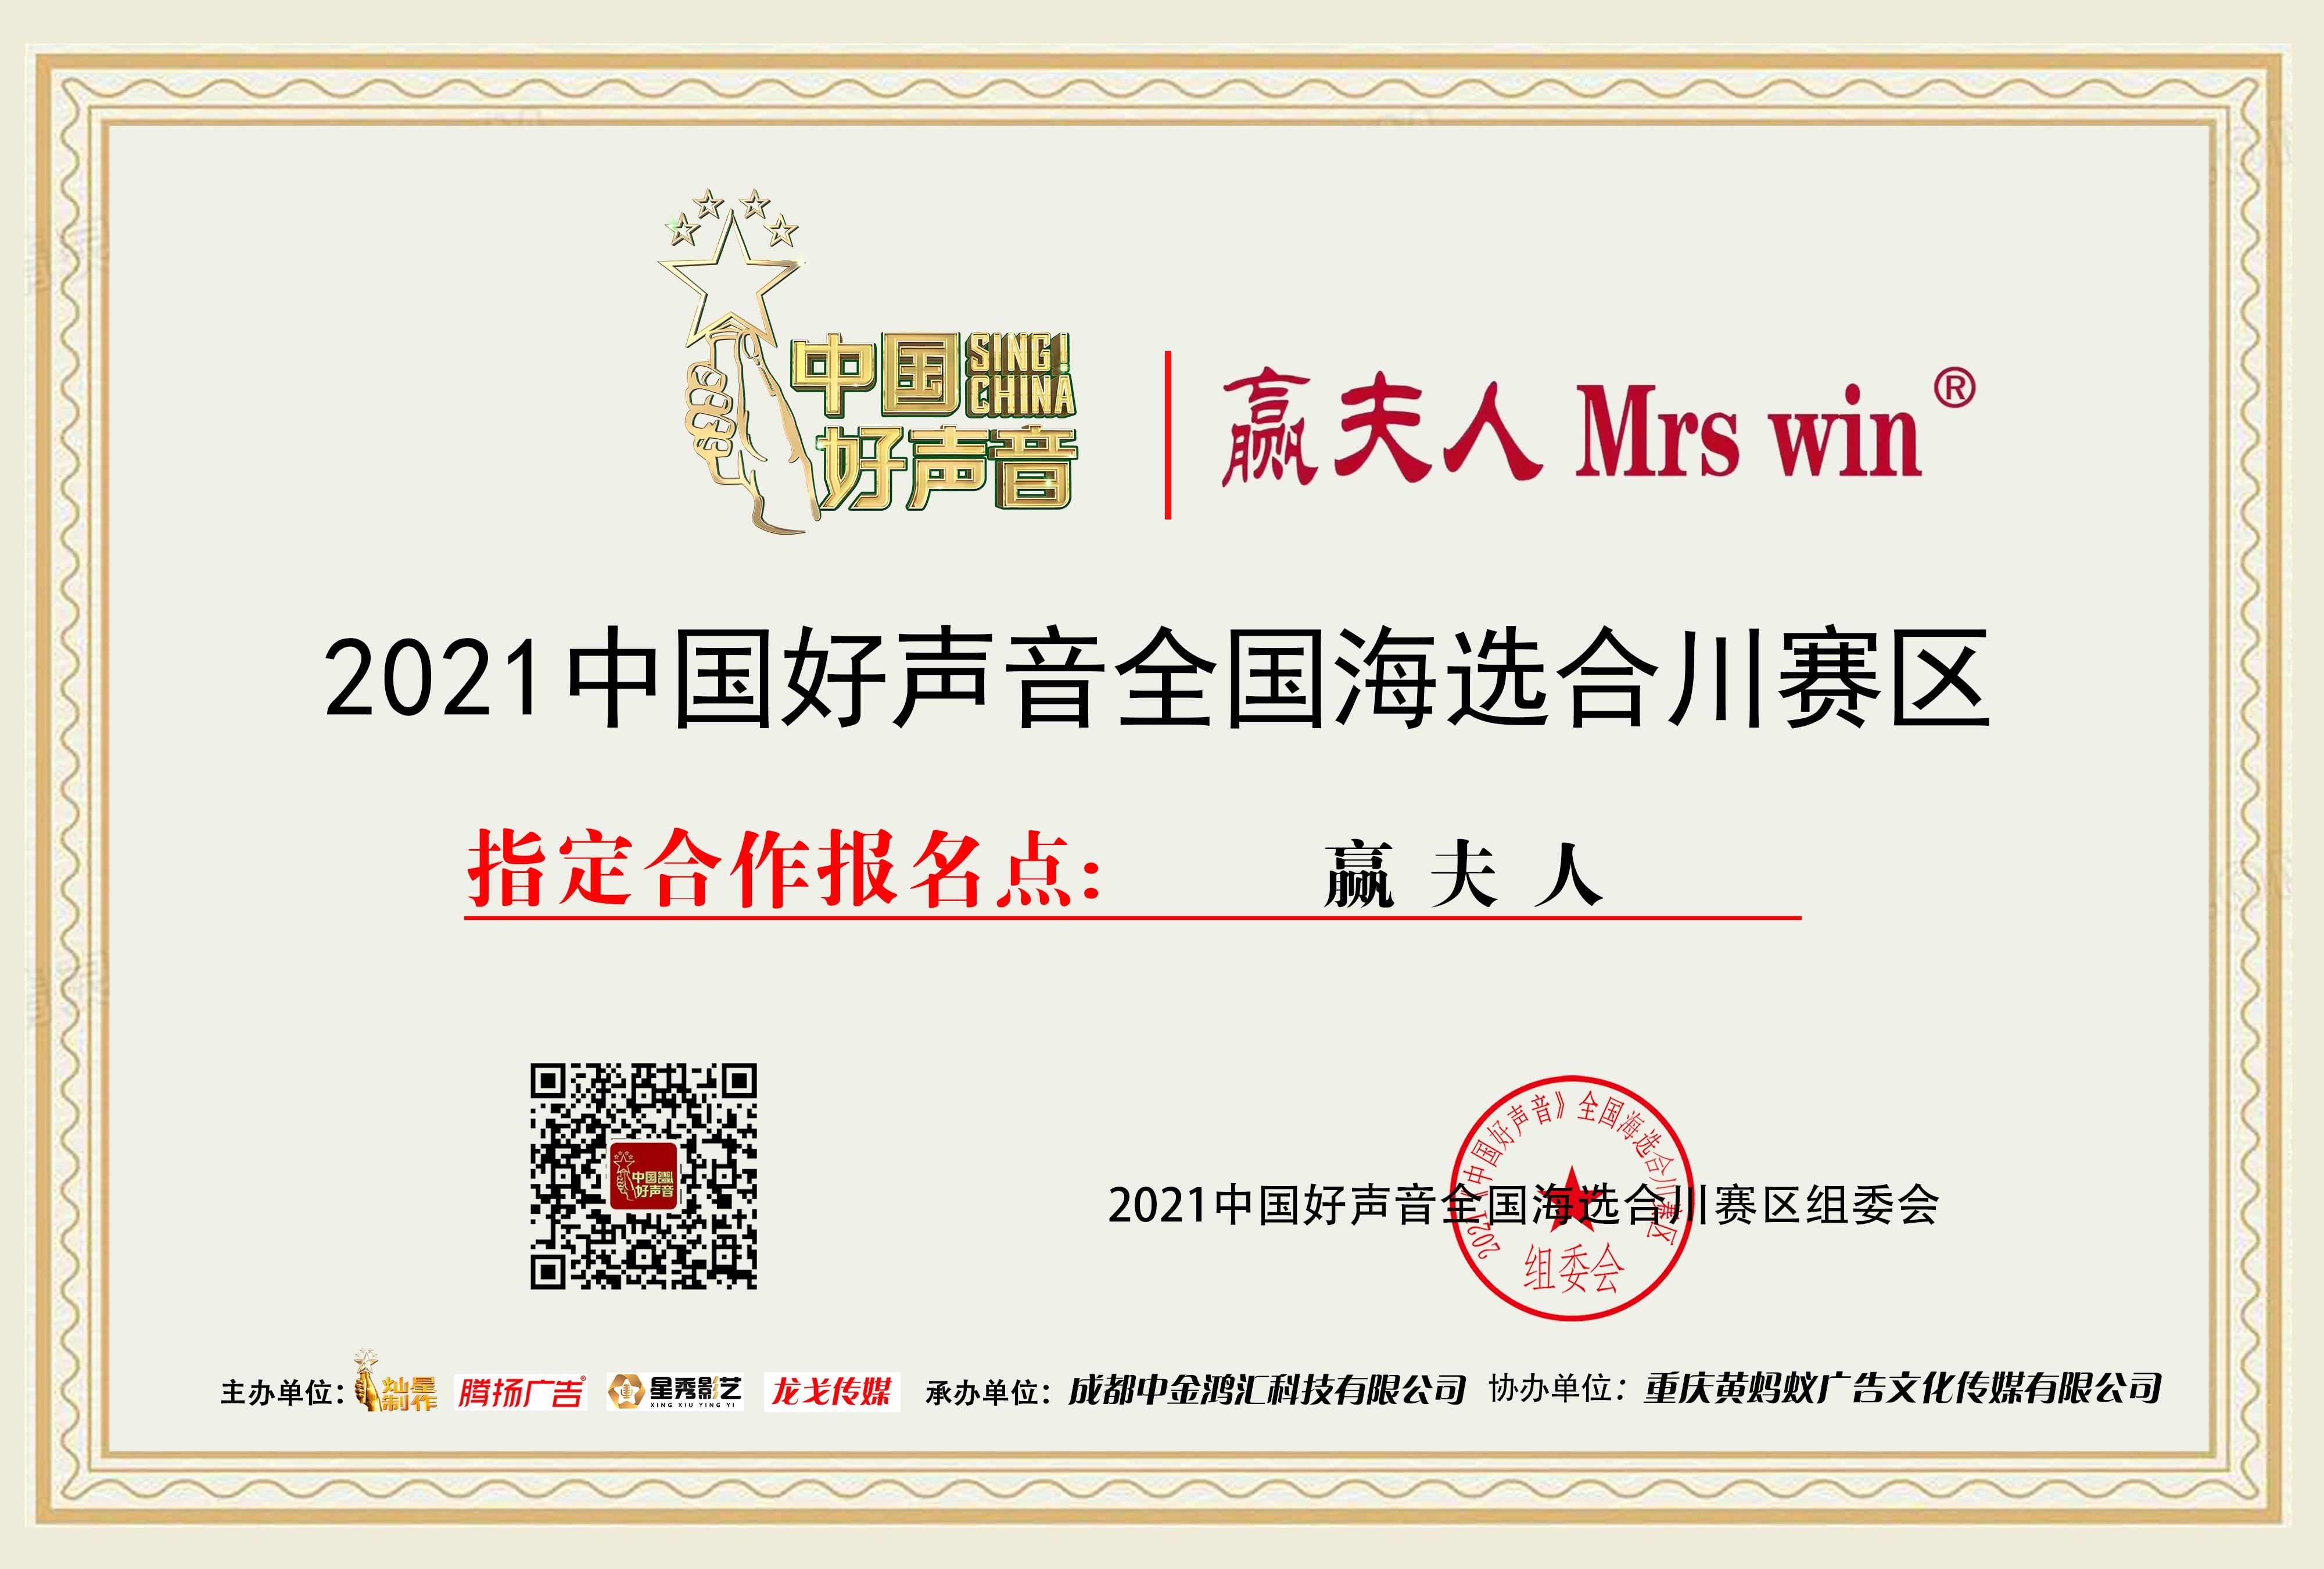 2021中国好声音合川赛区海选 赢夫人为你的梦想领航